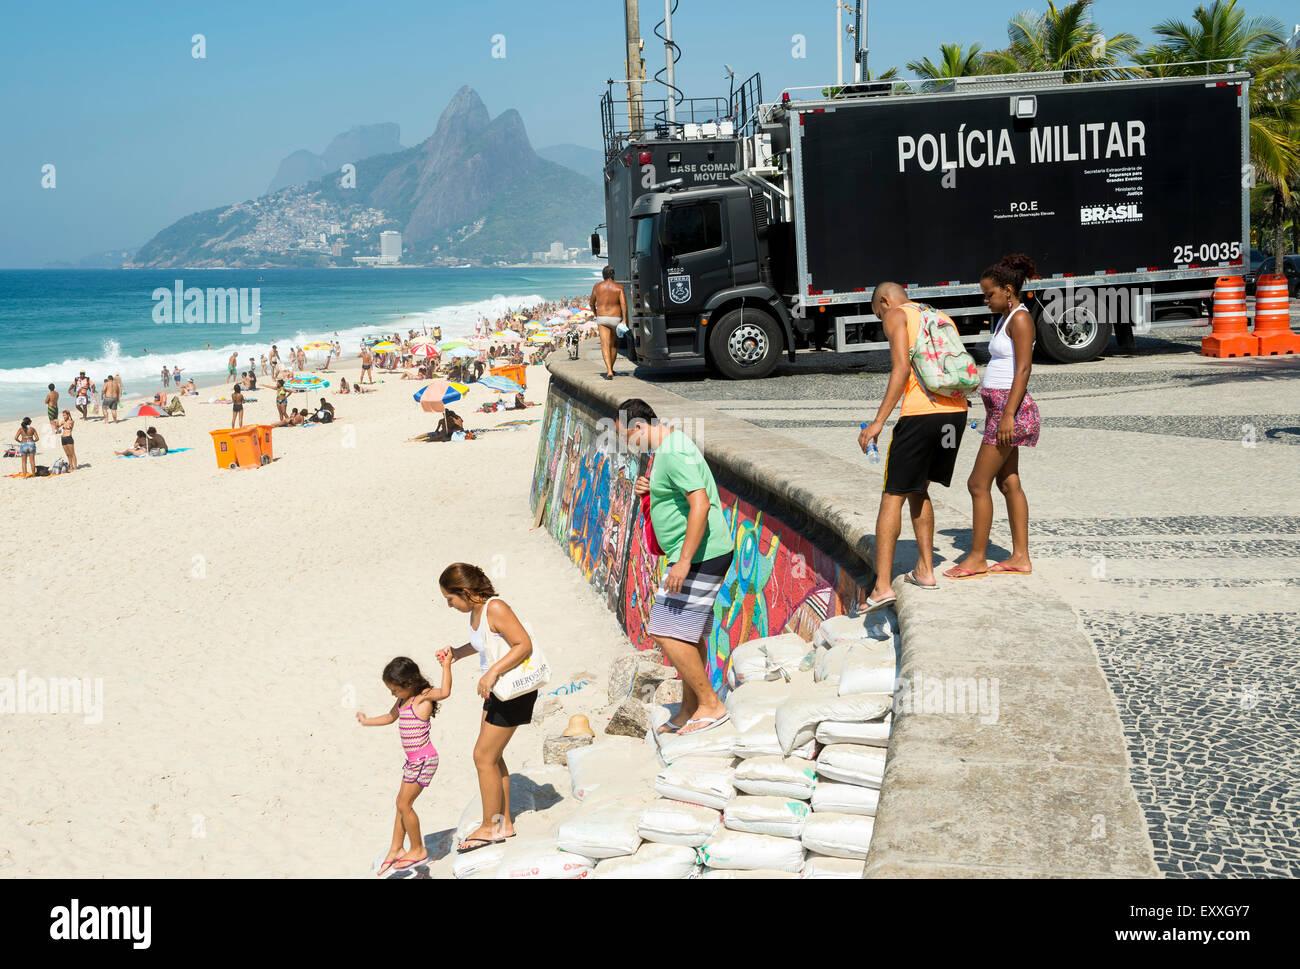 RIO DE JANEIRO, Brasilien - 20. Januar 2015: Beachgoers Arpoador Beach vor polizeilichen Überwachung LKW ankommen. Stockfoto